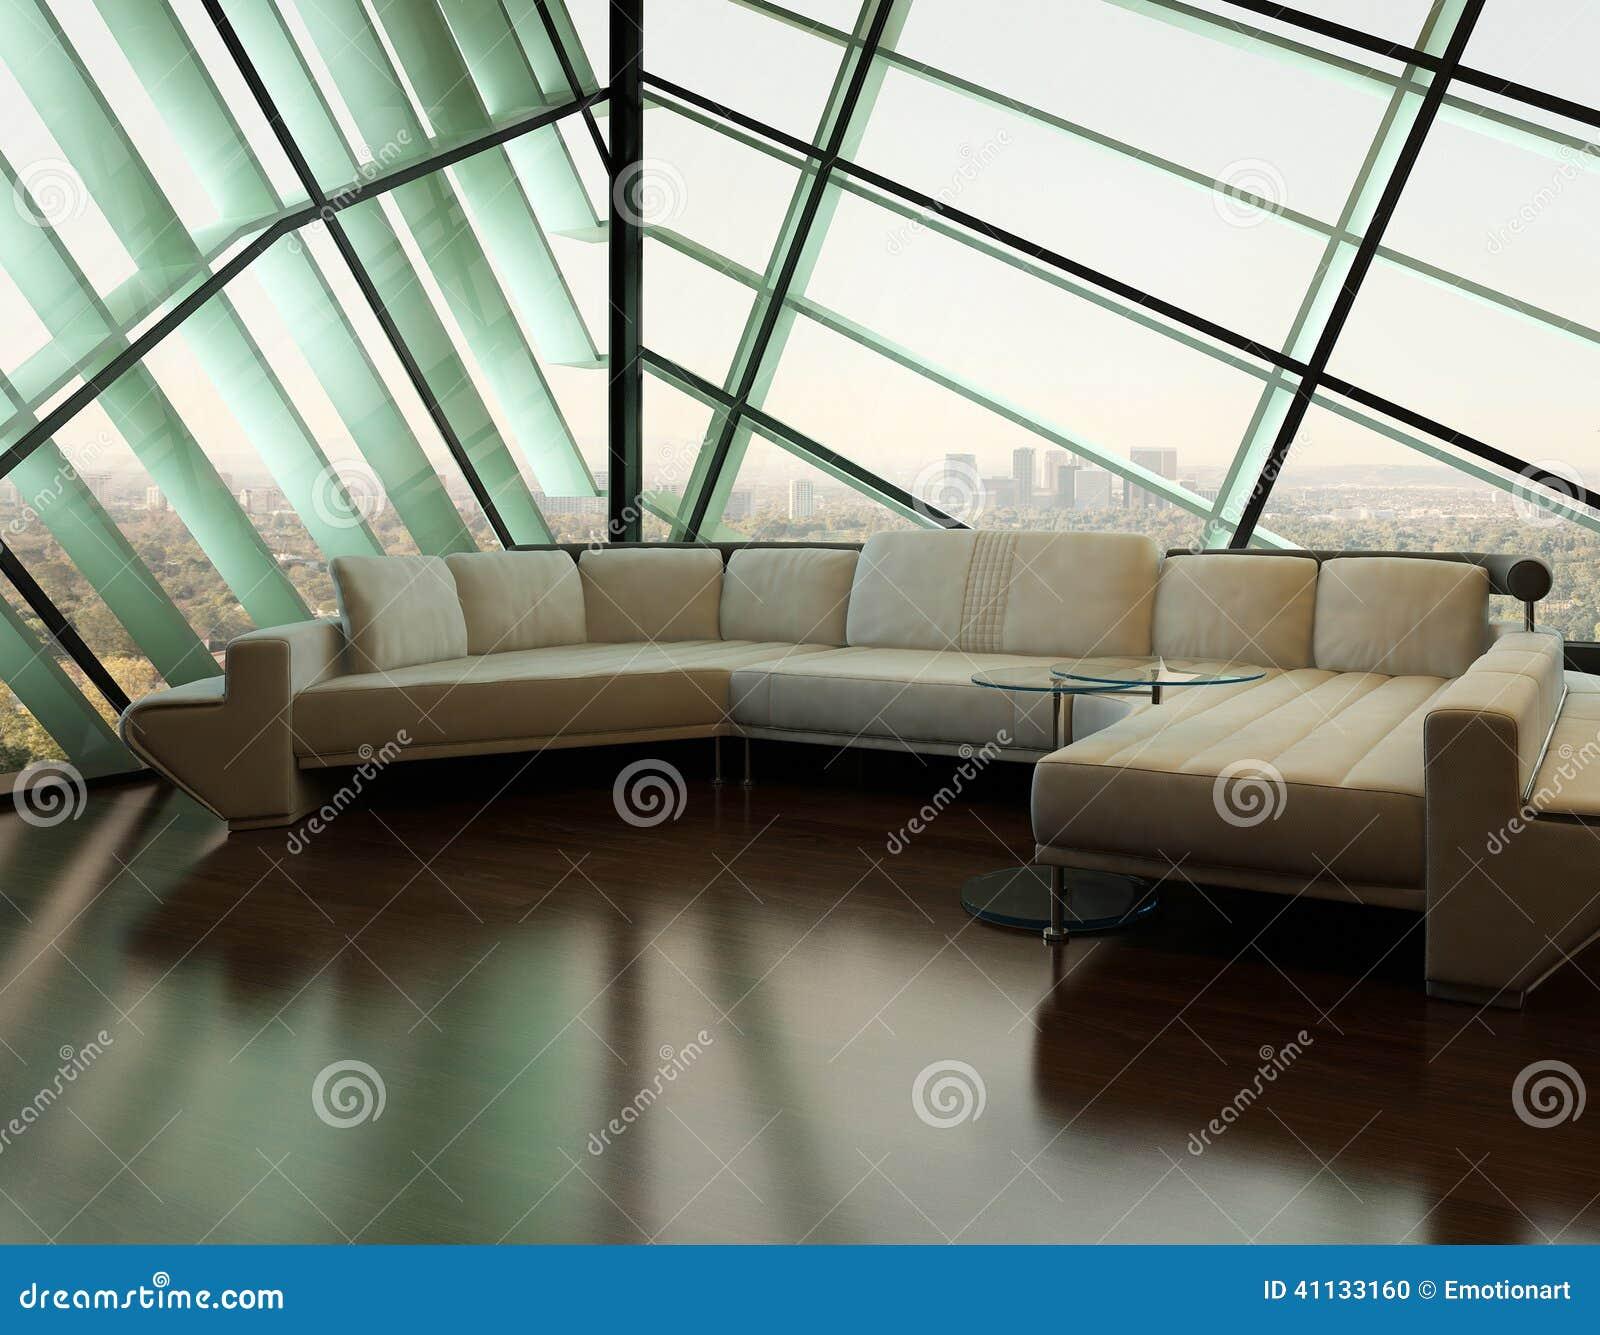 Sofá beige contra ventana de diseño extravagante